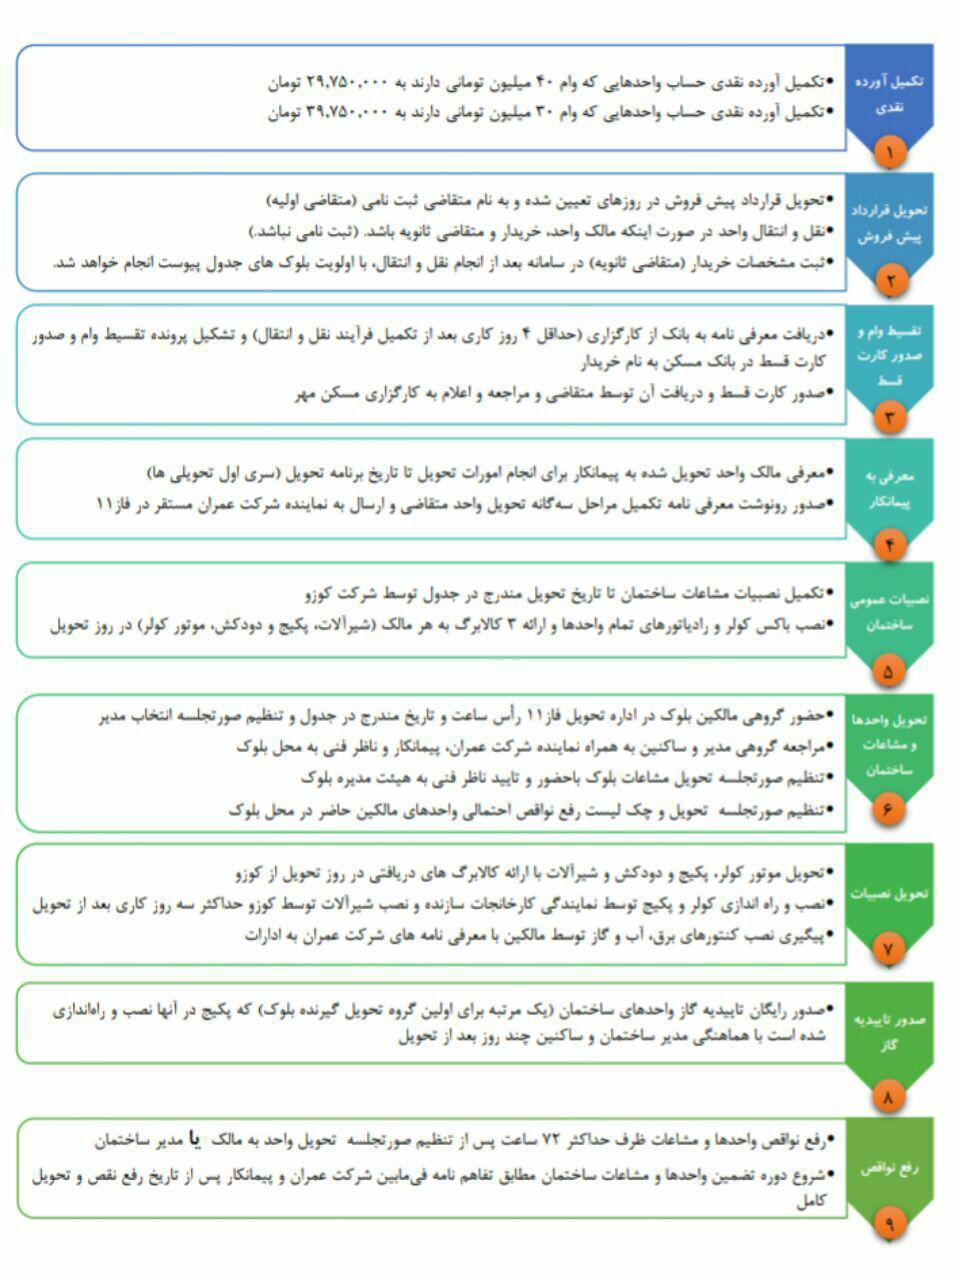 مراحل تحویل 3481 واحد زون5 فاز11 مطابق با جدول زمان بندی ارائه شده